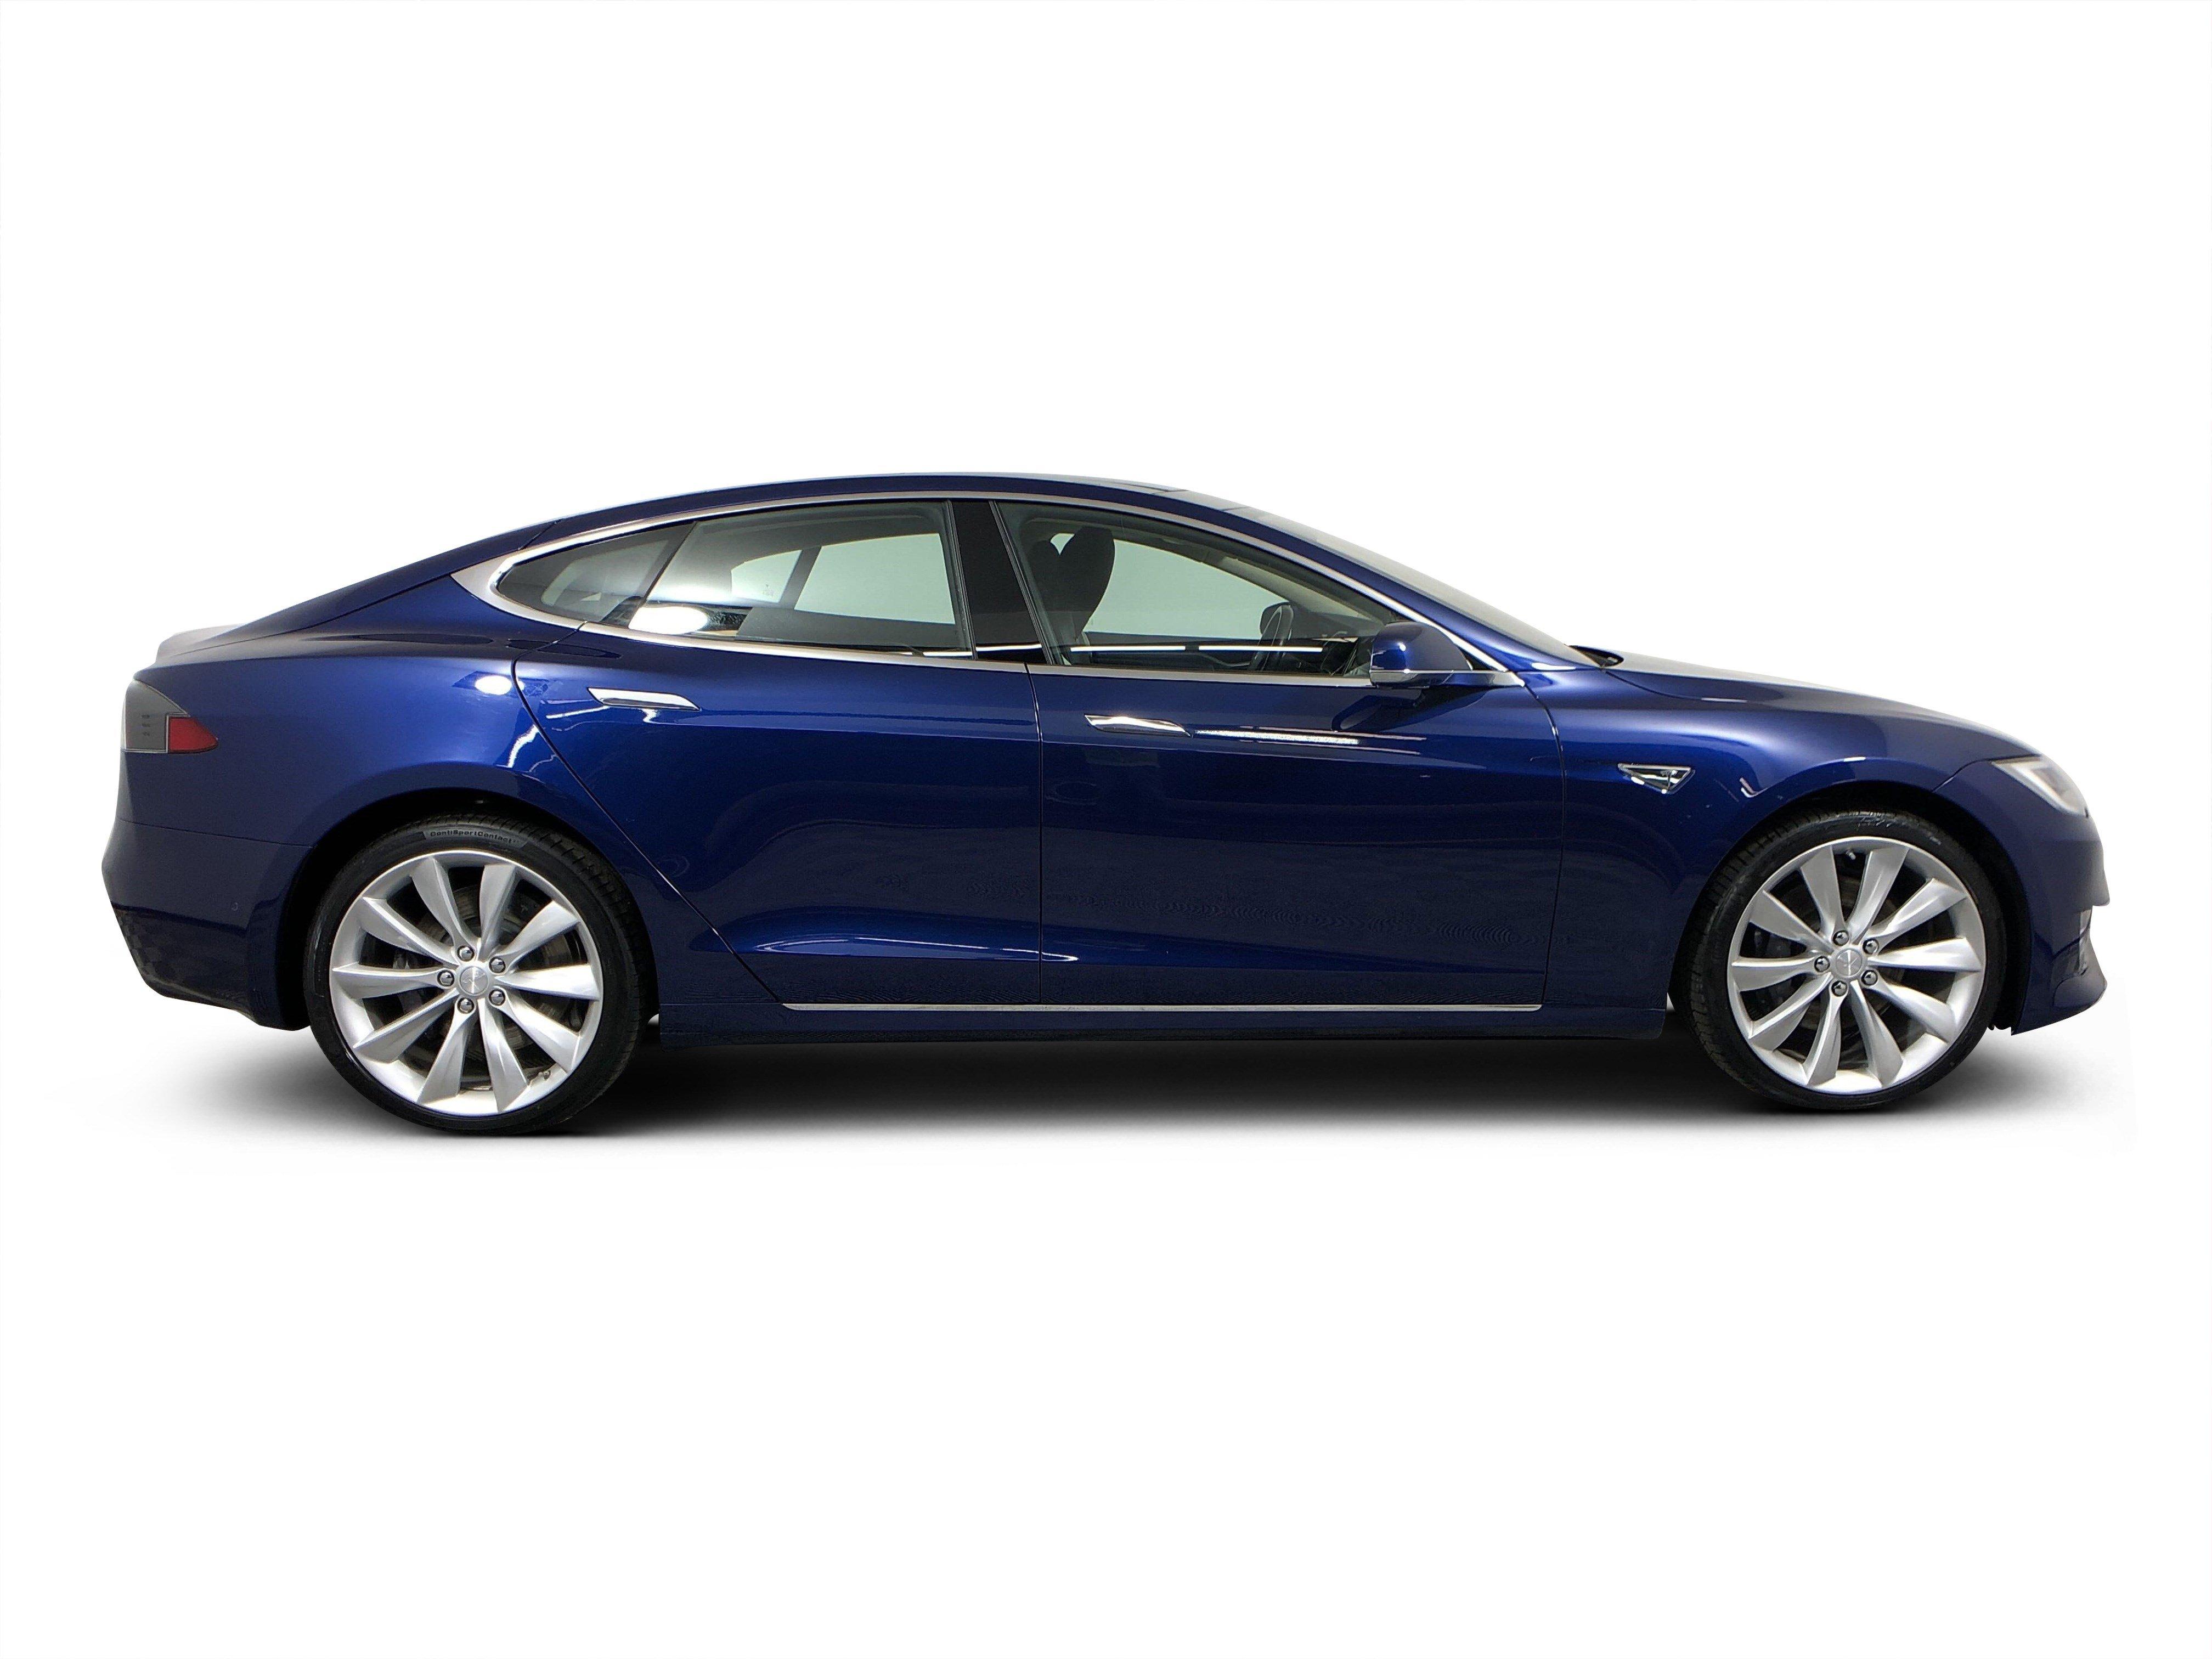 5YJS QCWY Geeignet f/ür Tesla Model S 2012-2020 Original Modellstil Auto Hecksto/ßstange Spoiler Querruder Kofferraum Starrfl/ügellippe